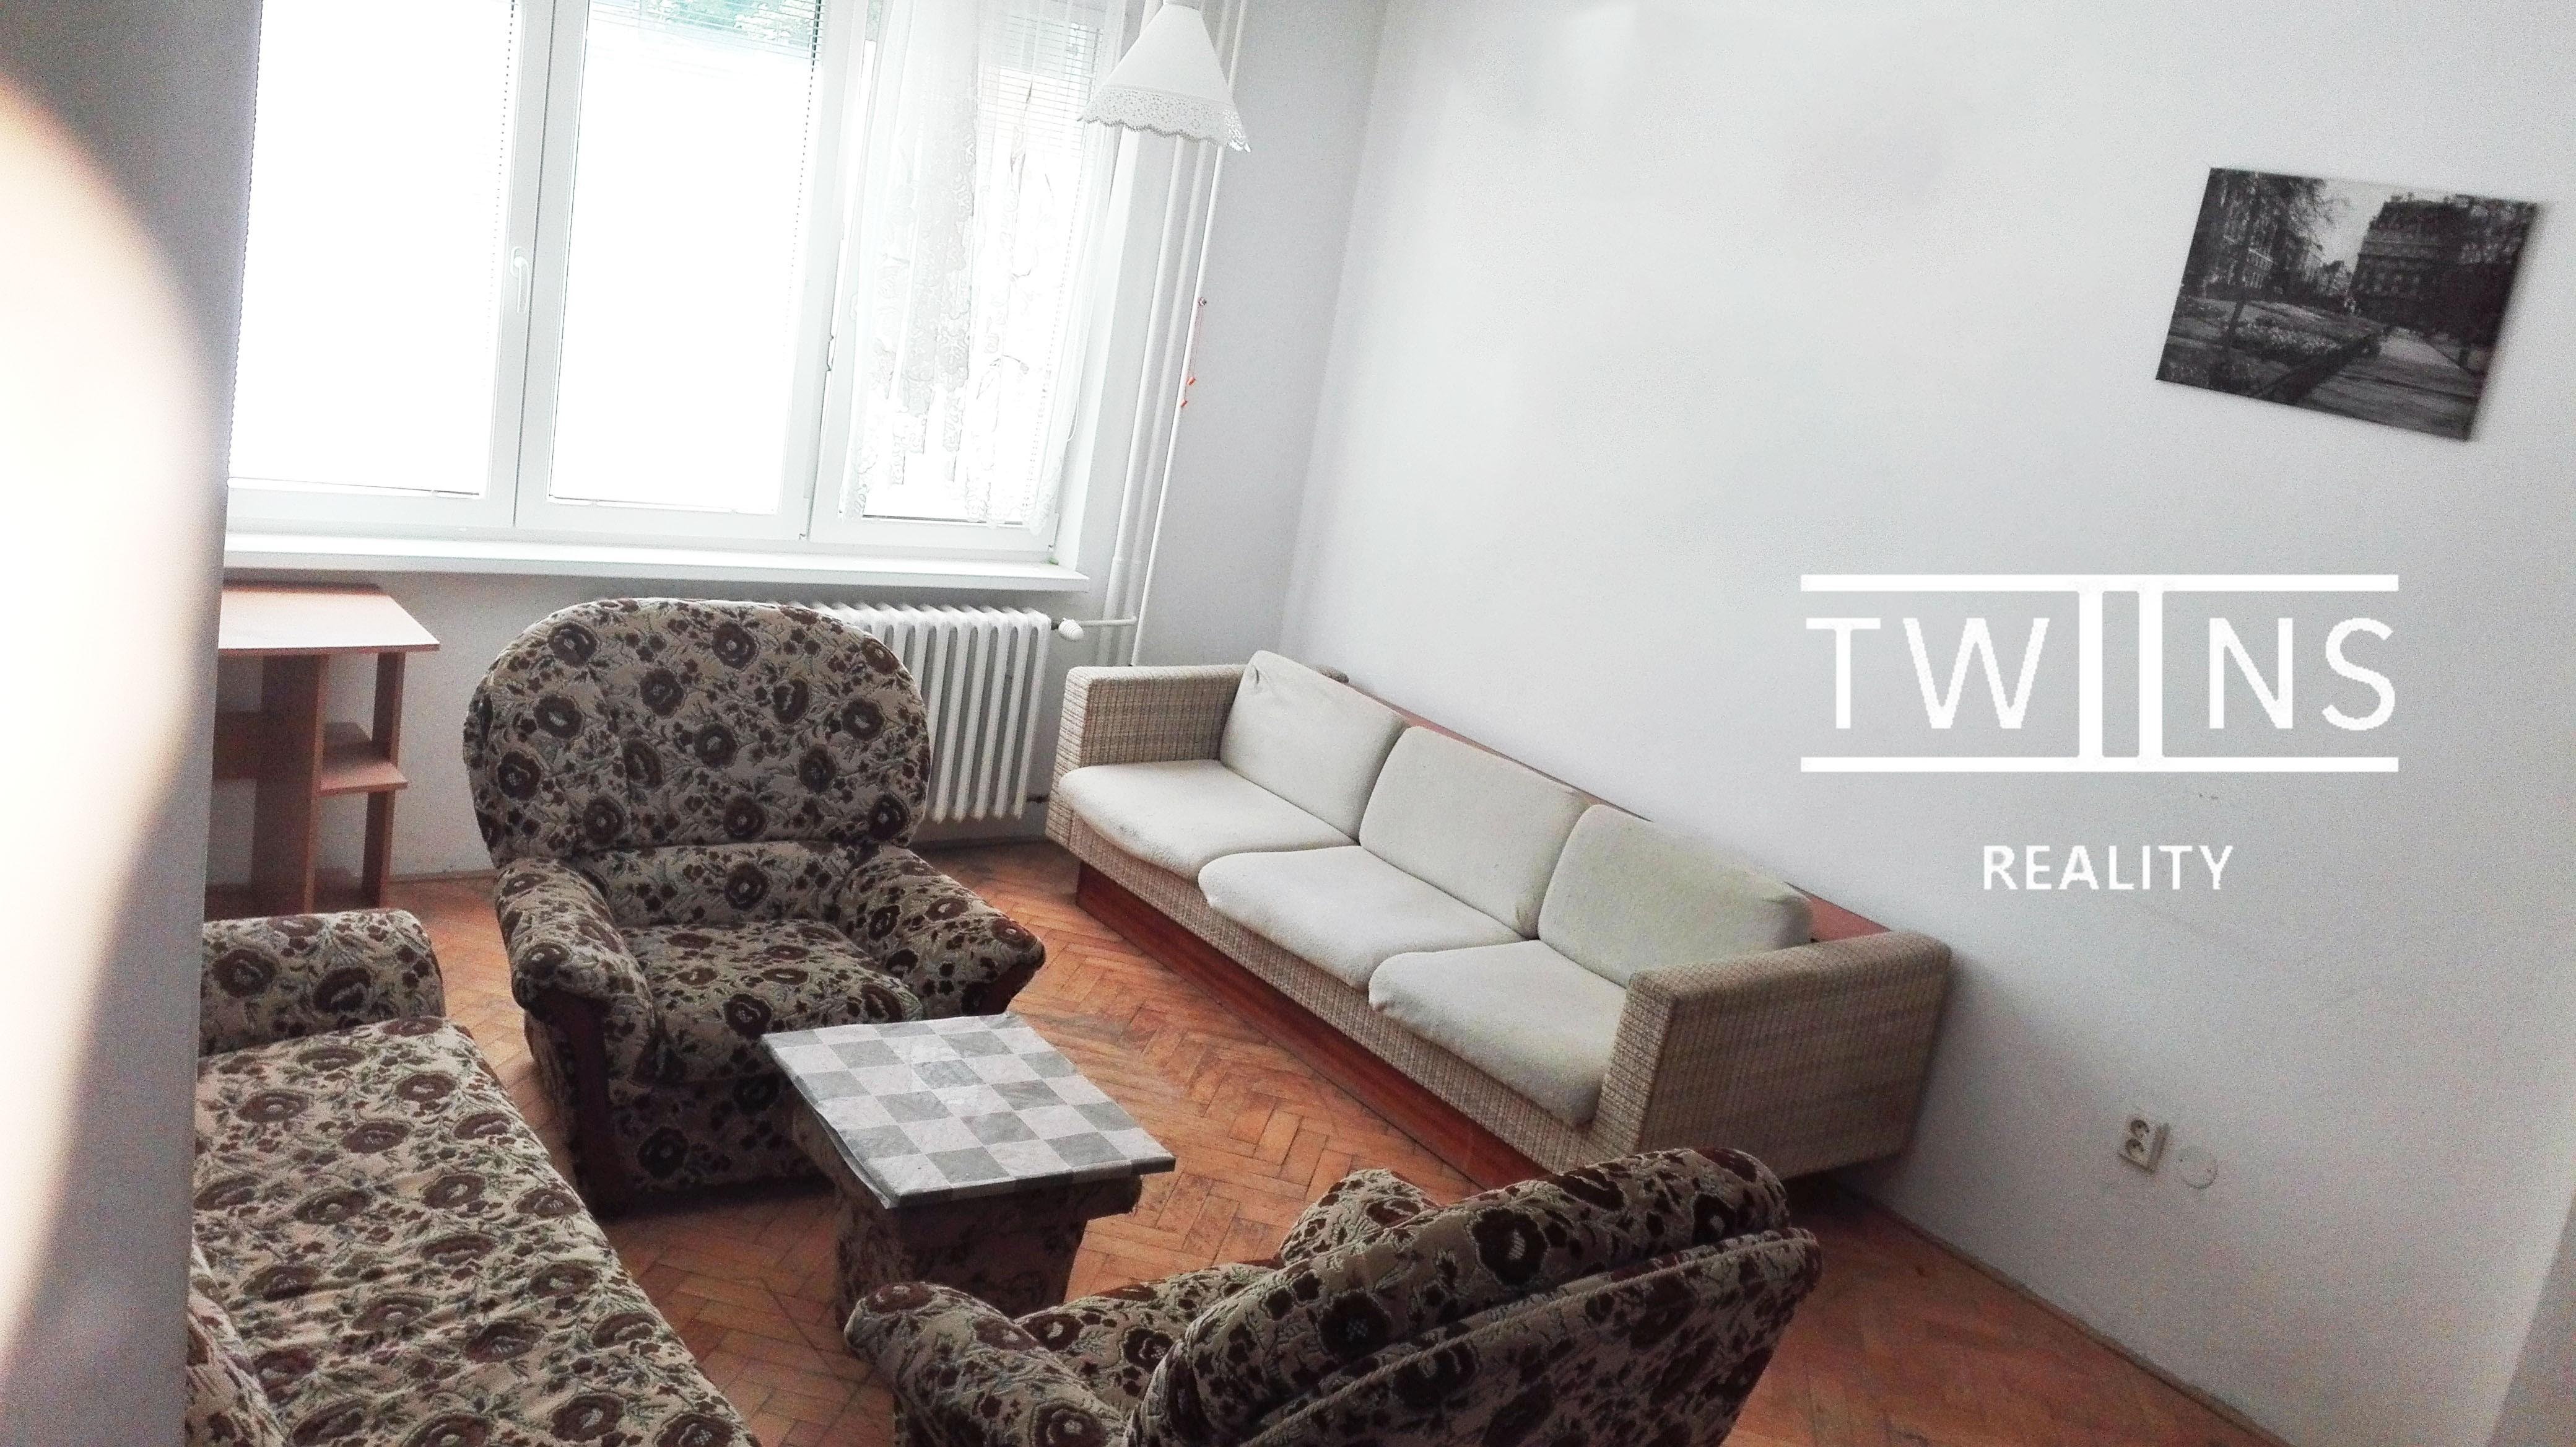 Iba u nás✅ Ponúkame do nájmu 3- izbový byt Nivy Bratislava, krásne okolie, blízko centrum. 660 € mesačne